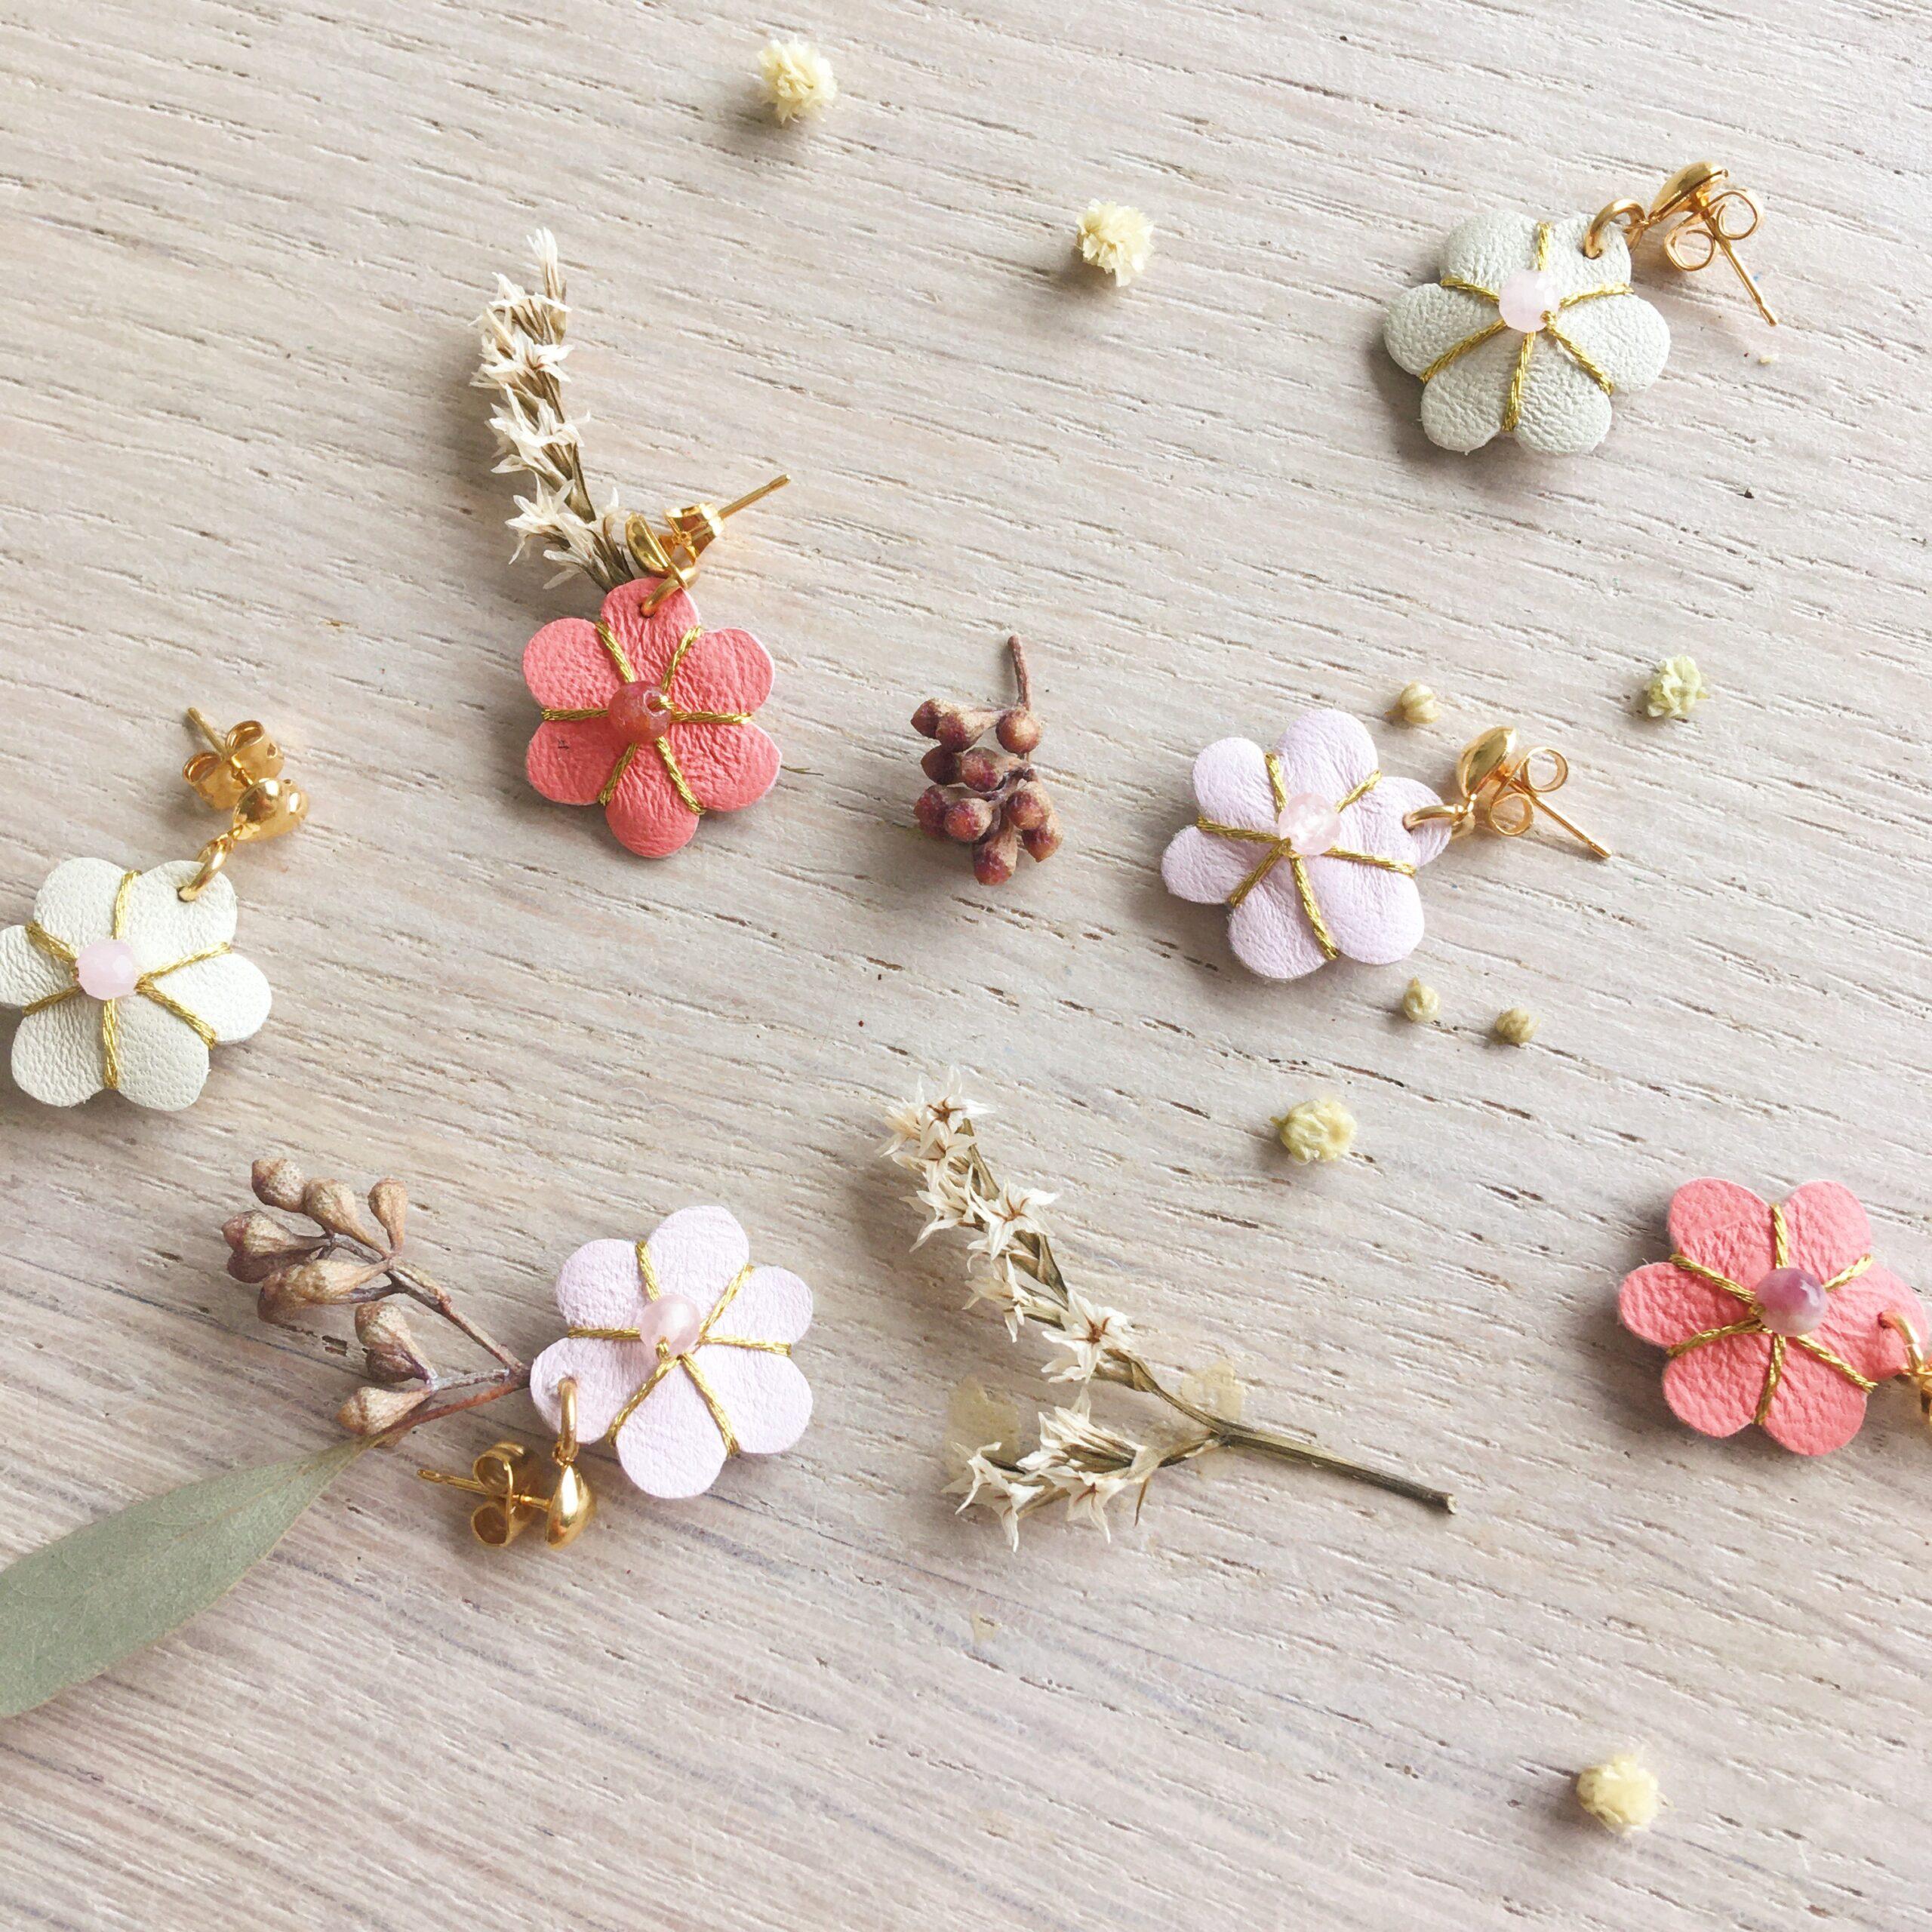 bijoux en cuir fleur de bohème brodées main avec pierres fines puces d'oreilles fleurs élégantes rose, dorées or fin made in France - du vent dans mes valises